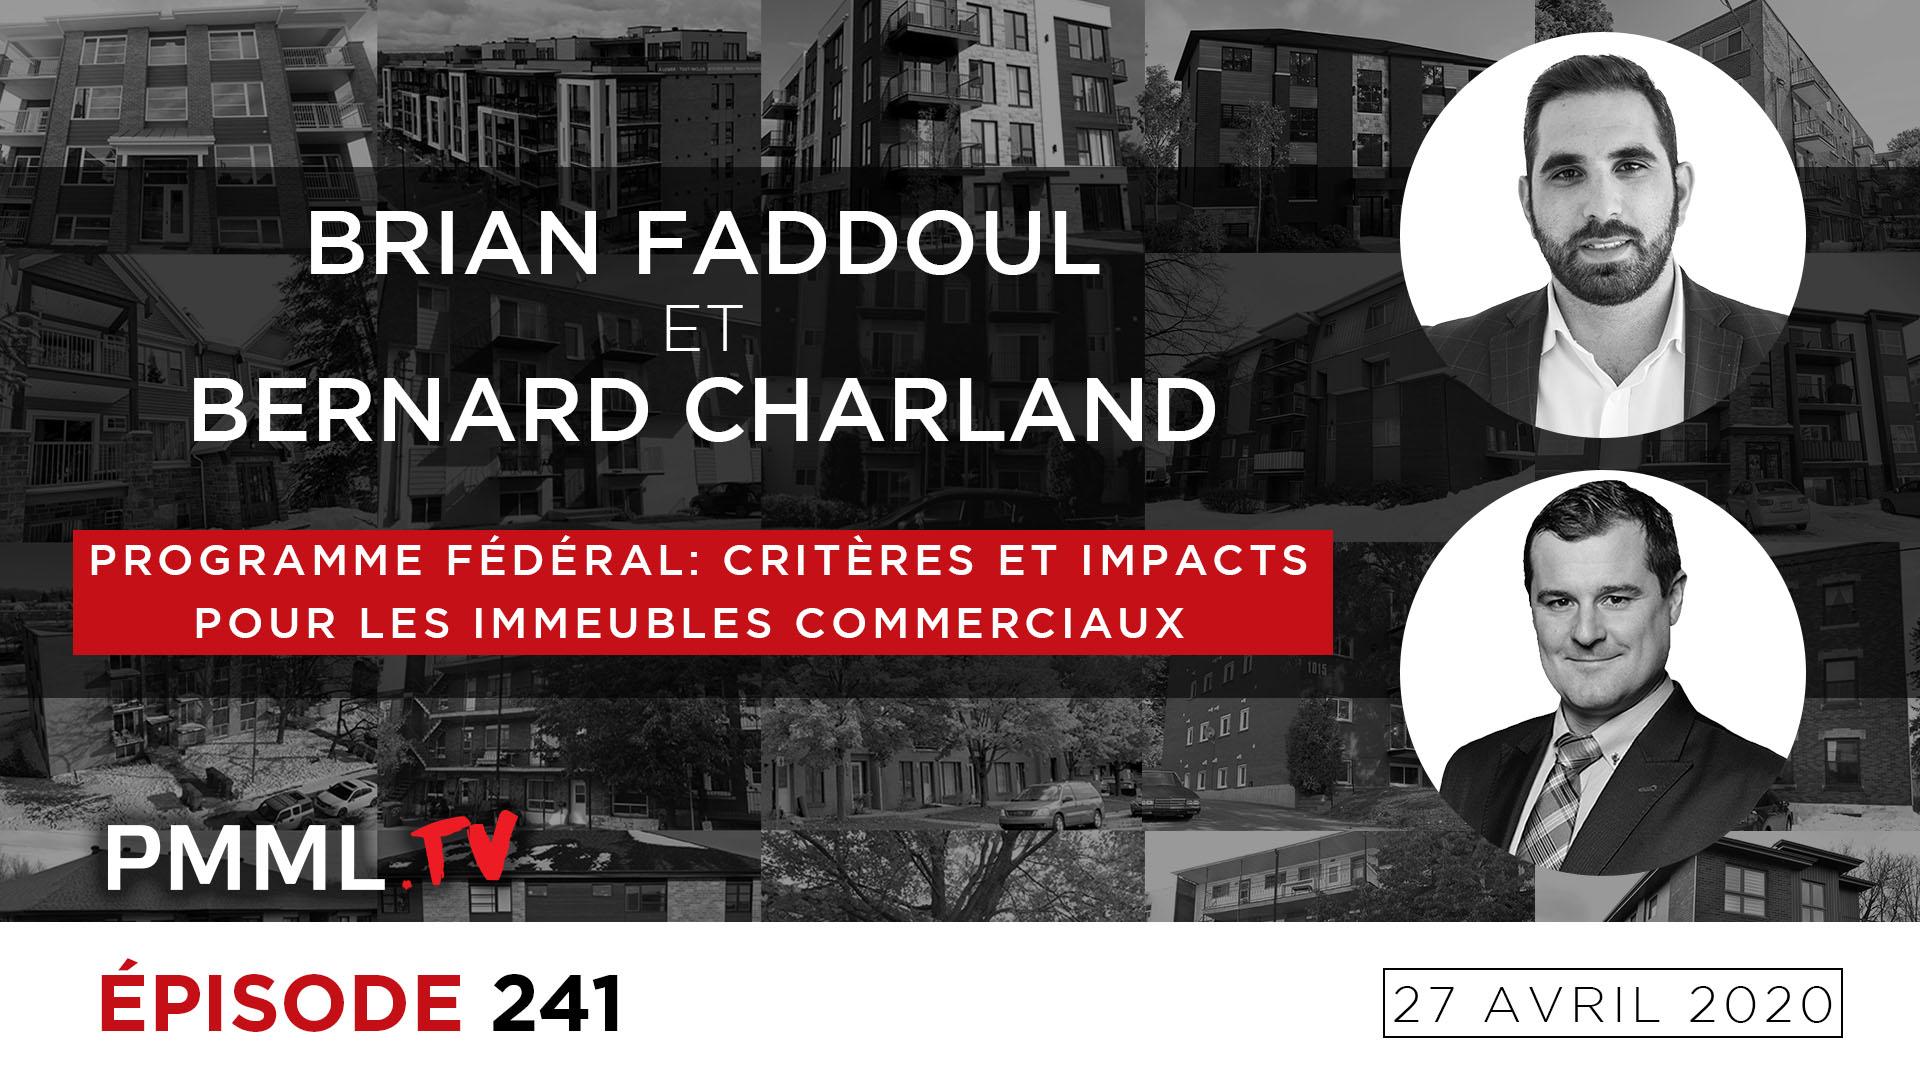 Programme fédéral - impacts pour pme et immeubles commerciaux